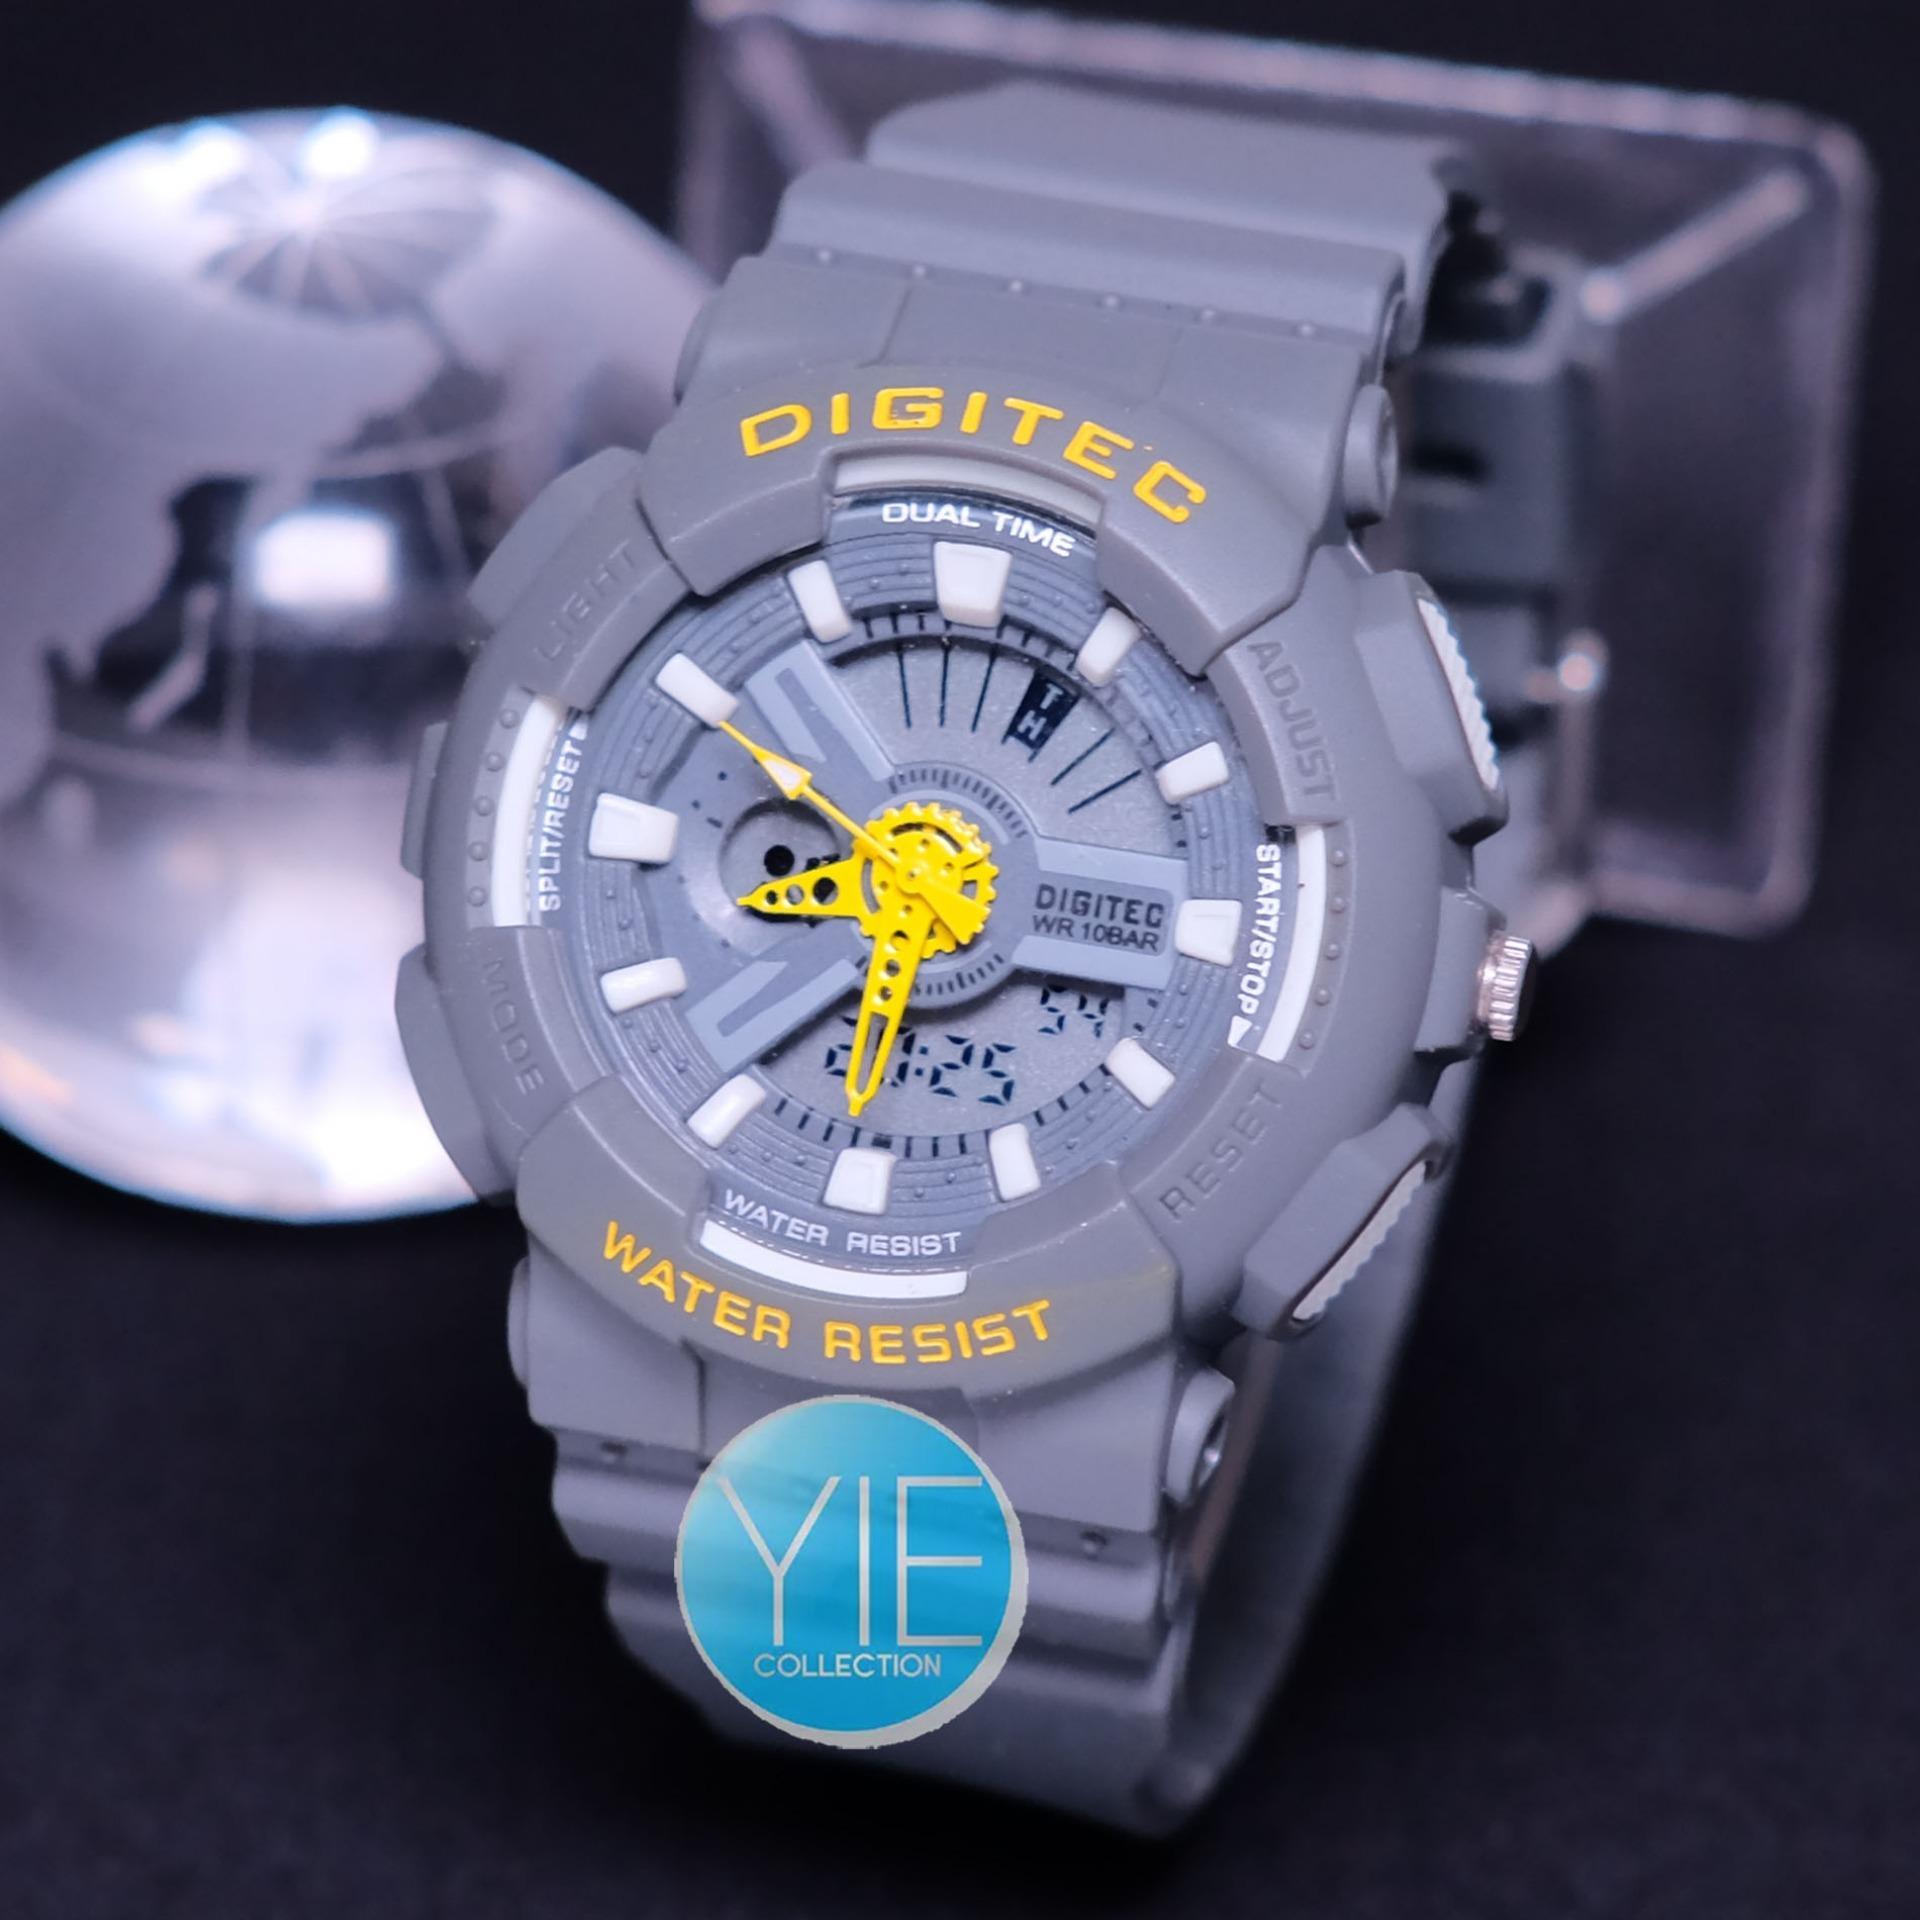 Digitec Jam Tangan Wanita DG 2063 Dual Time Rubber Strap Original - Abu